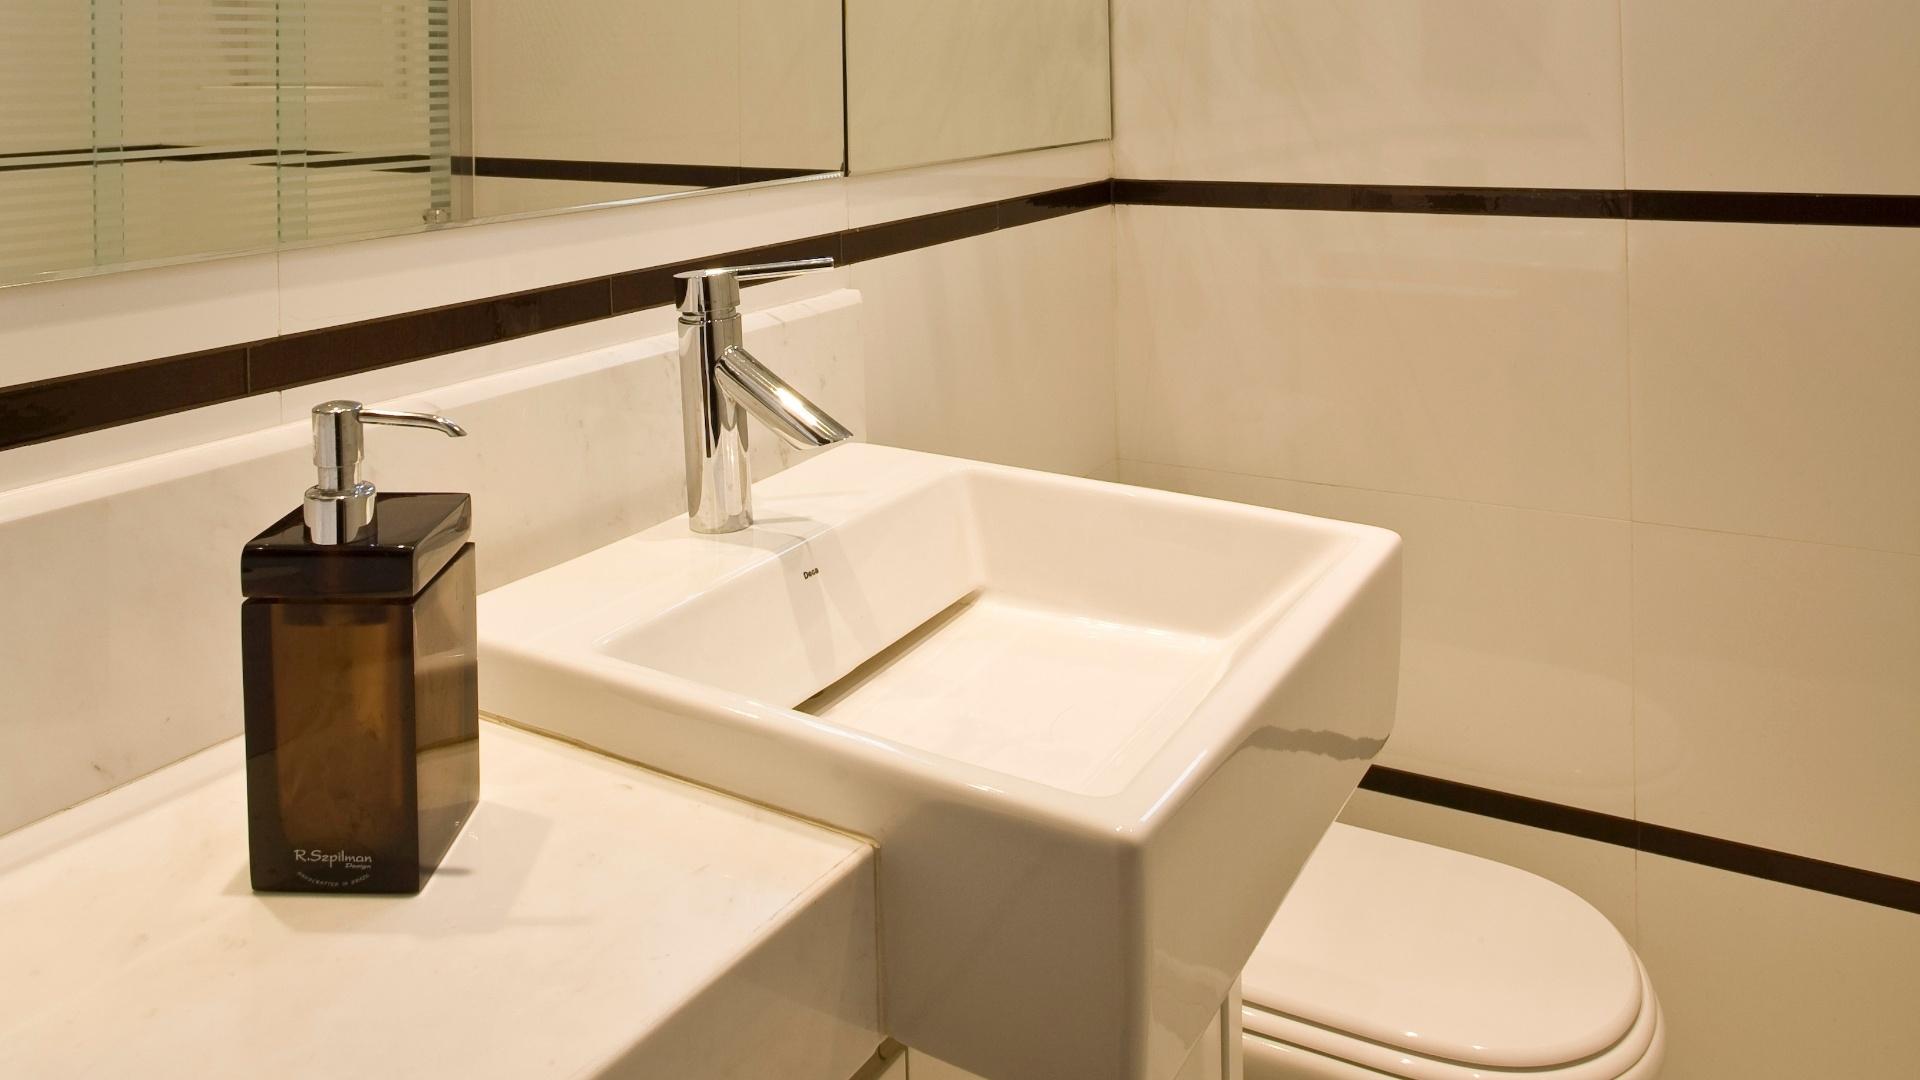 Simples econômico e bonito: o banheiro de 3 m² foi personalizado  #A46A27 1920x1080 Banheiro Bonito E Pequeno